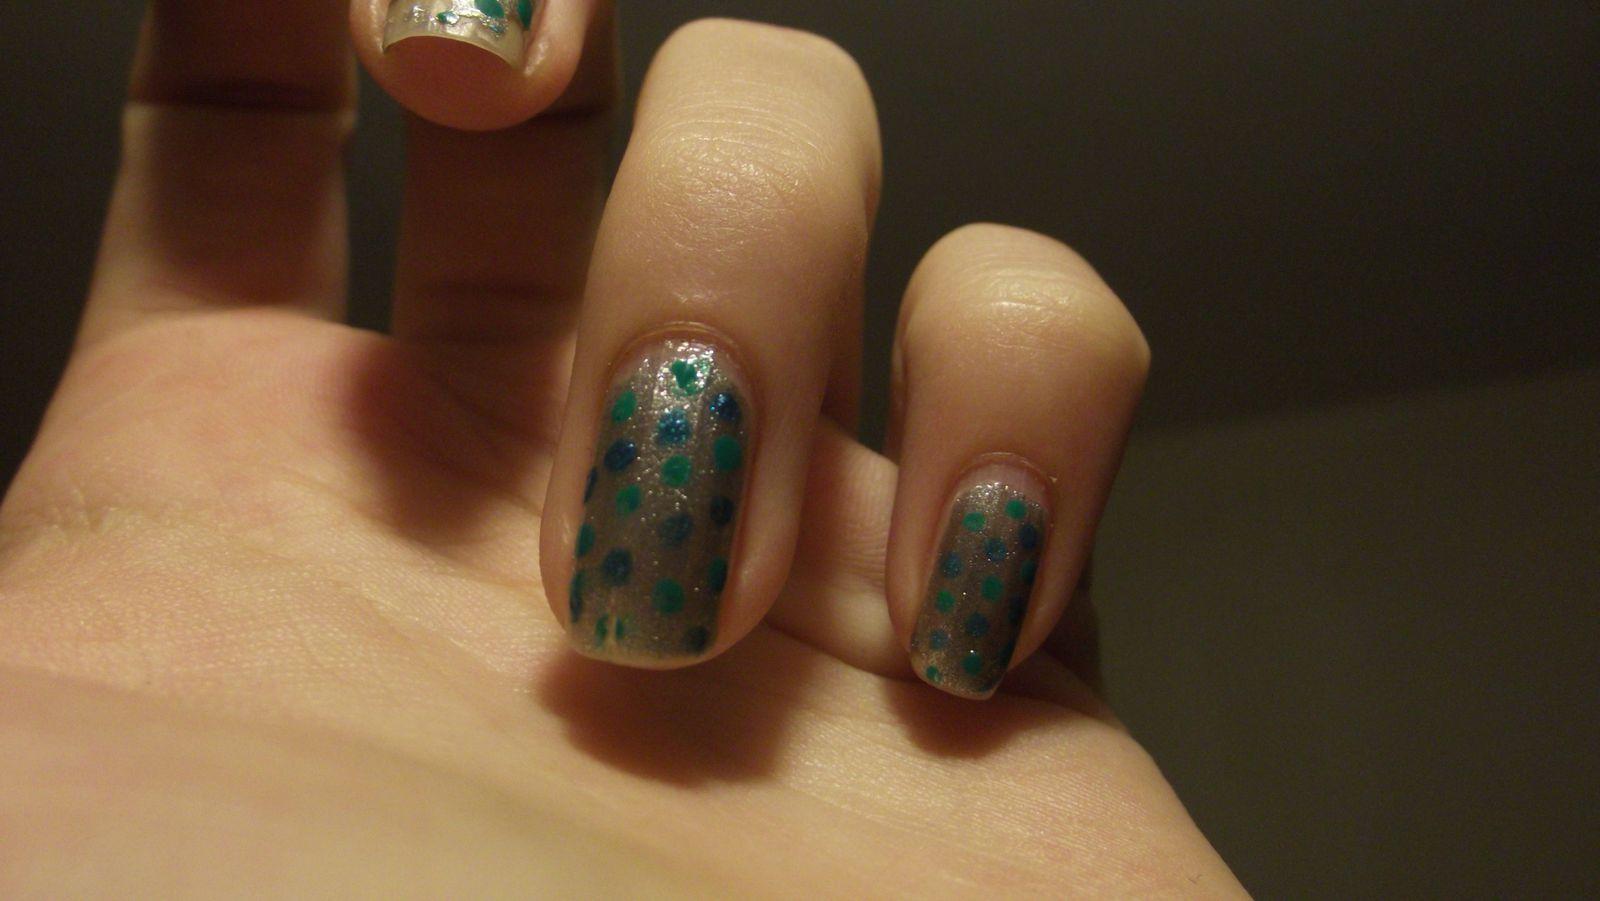 désolé il n'y a que 2 doigts mais j'ai encore pris les photos alors que ma pose avais quelques jours donc les autre ongles étaient un peu abîmés